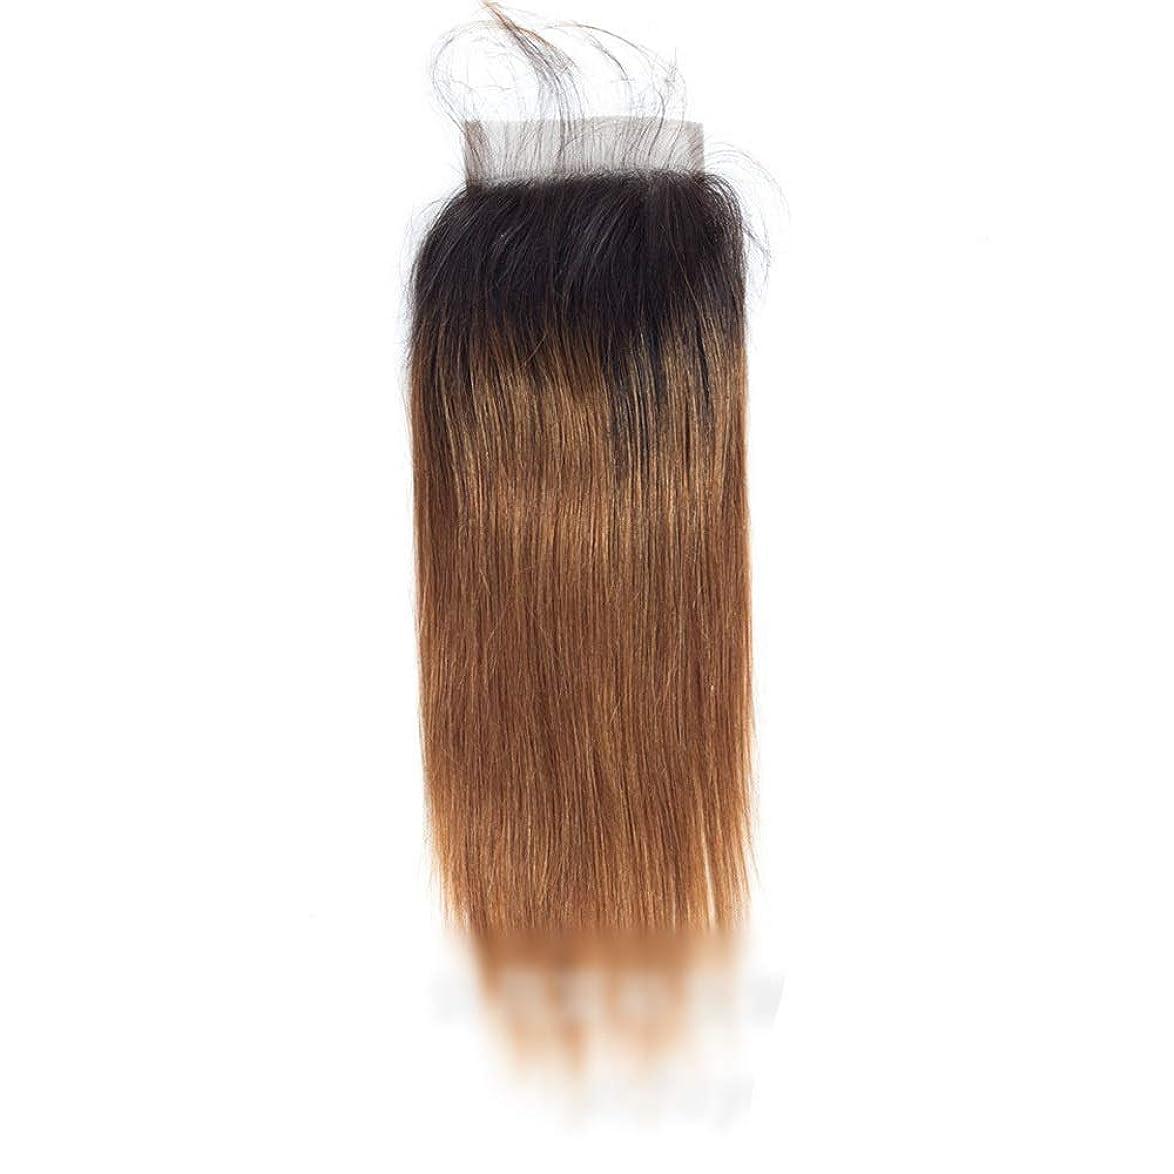 候補者珍しいオリエントHOHYLLYA ブラジルストレート横糸人間の髪の毛4 x 4